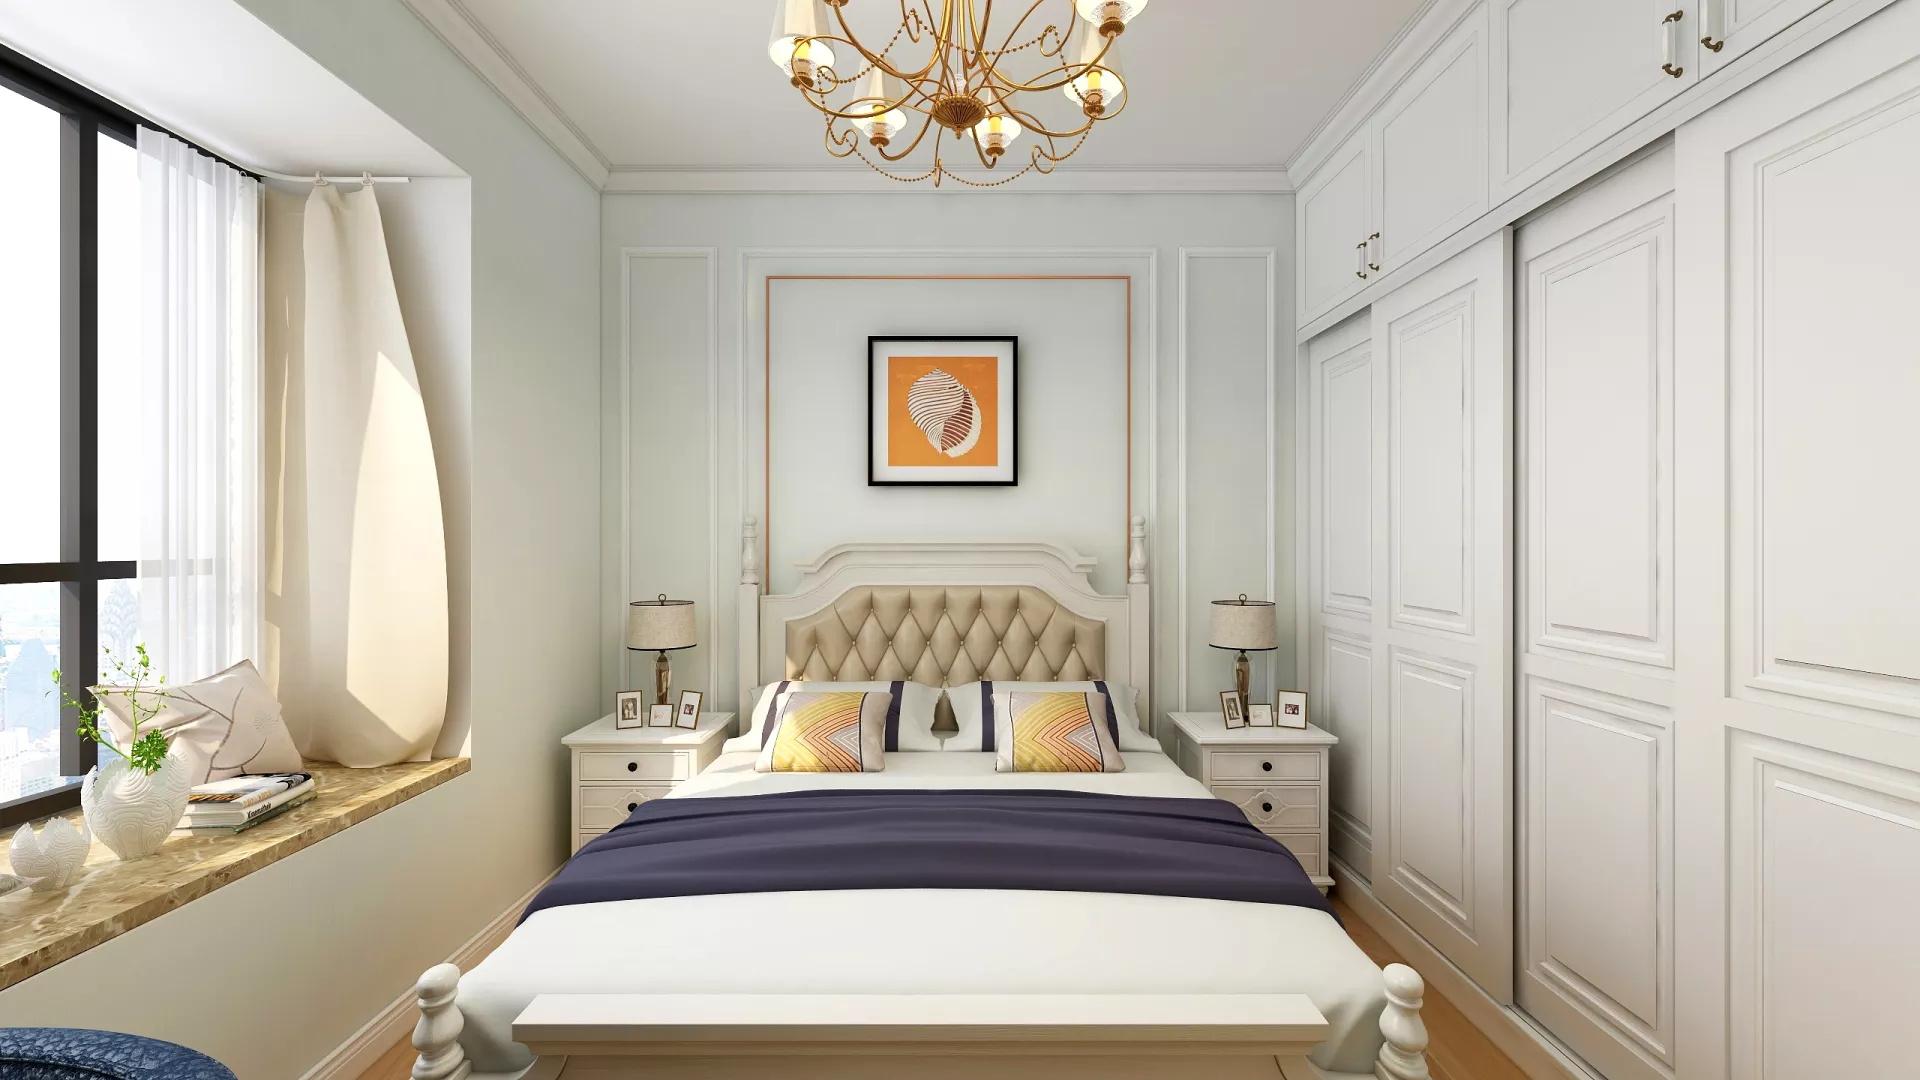 古朴美式风格公寓装修效果图